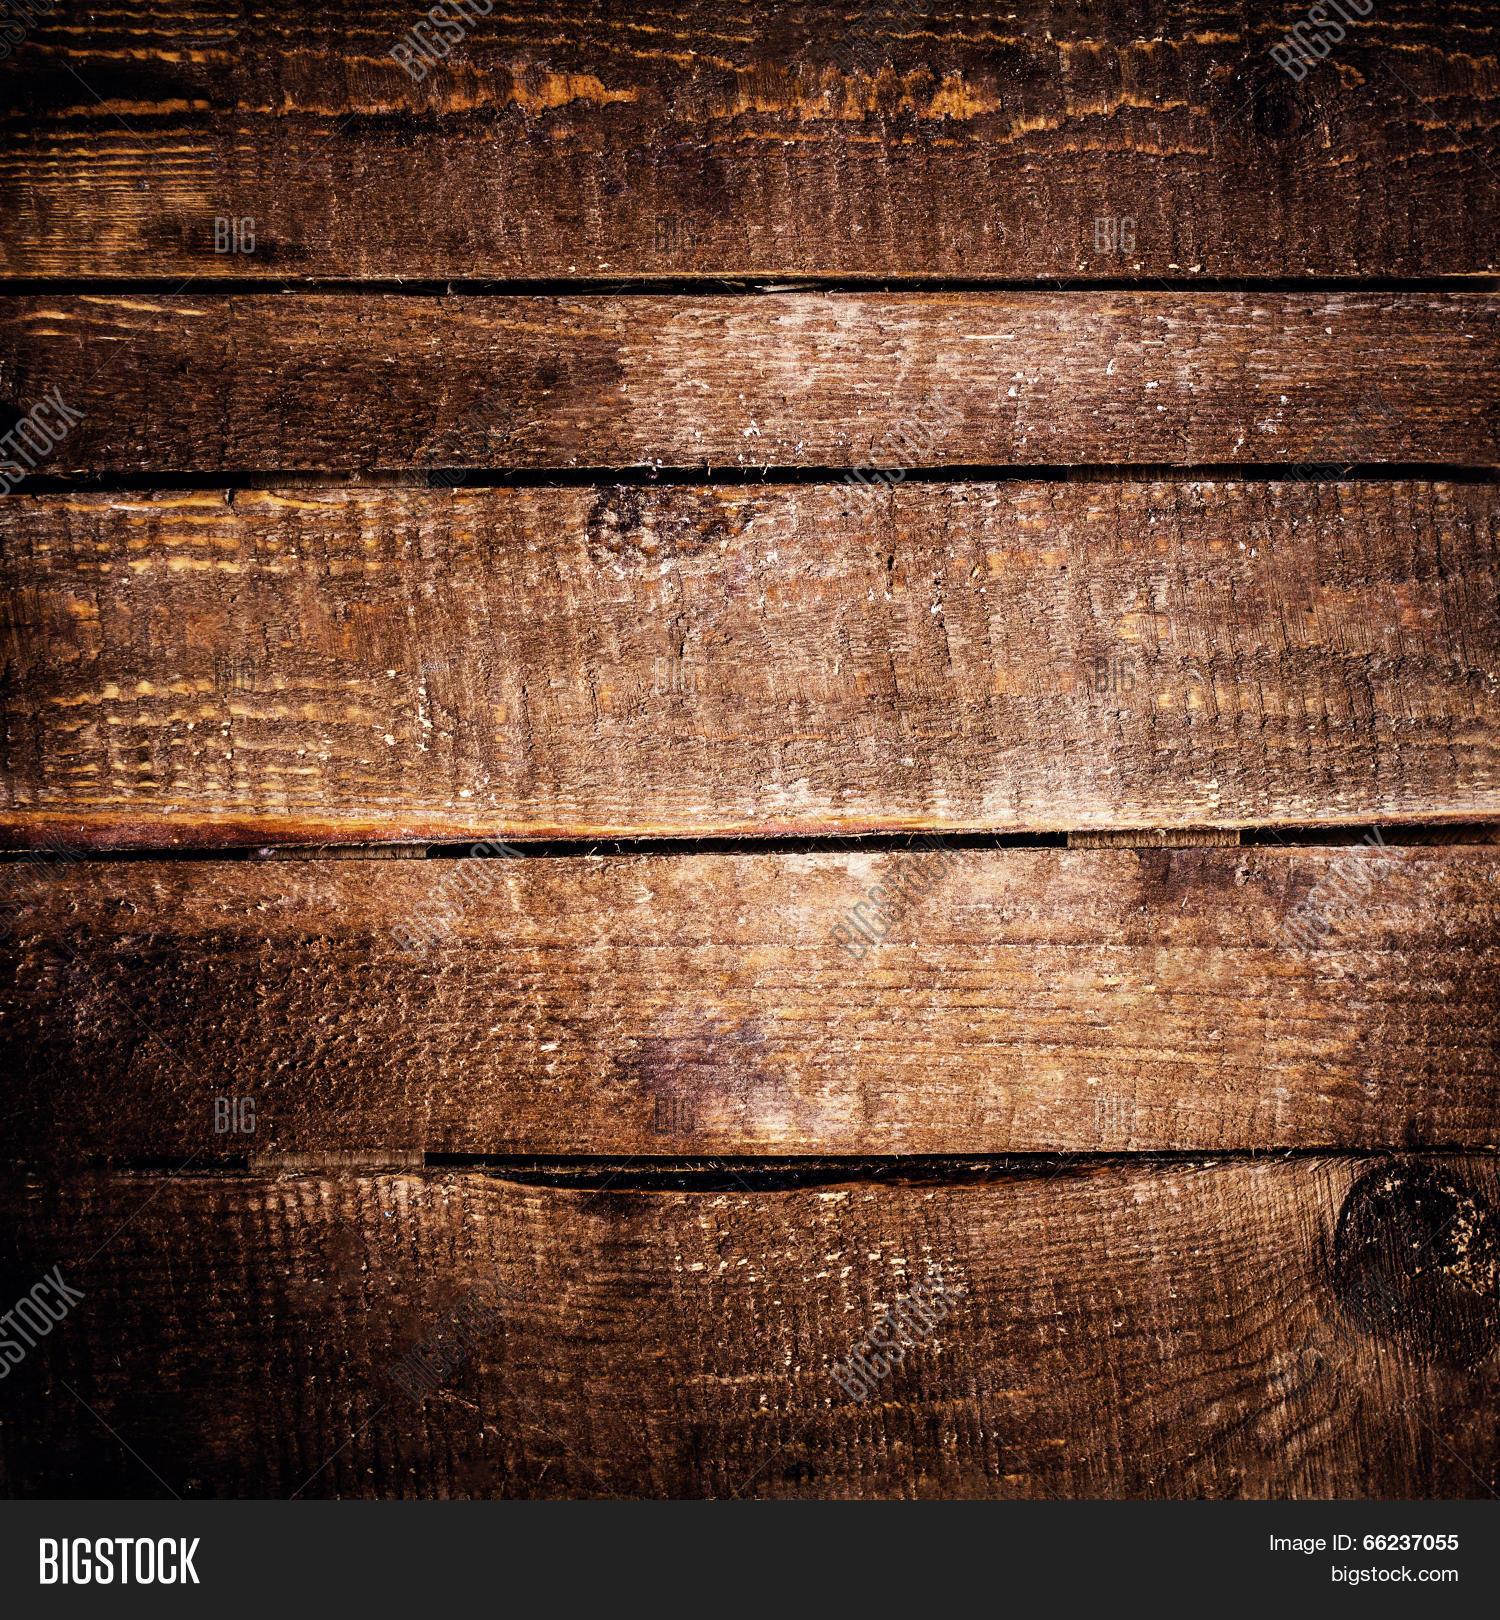 Dark Wood Texture. Grunge Wooden Image & Photo | Bigstock